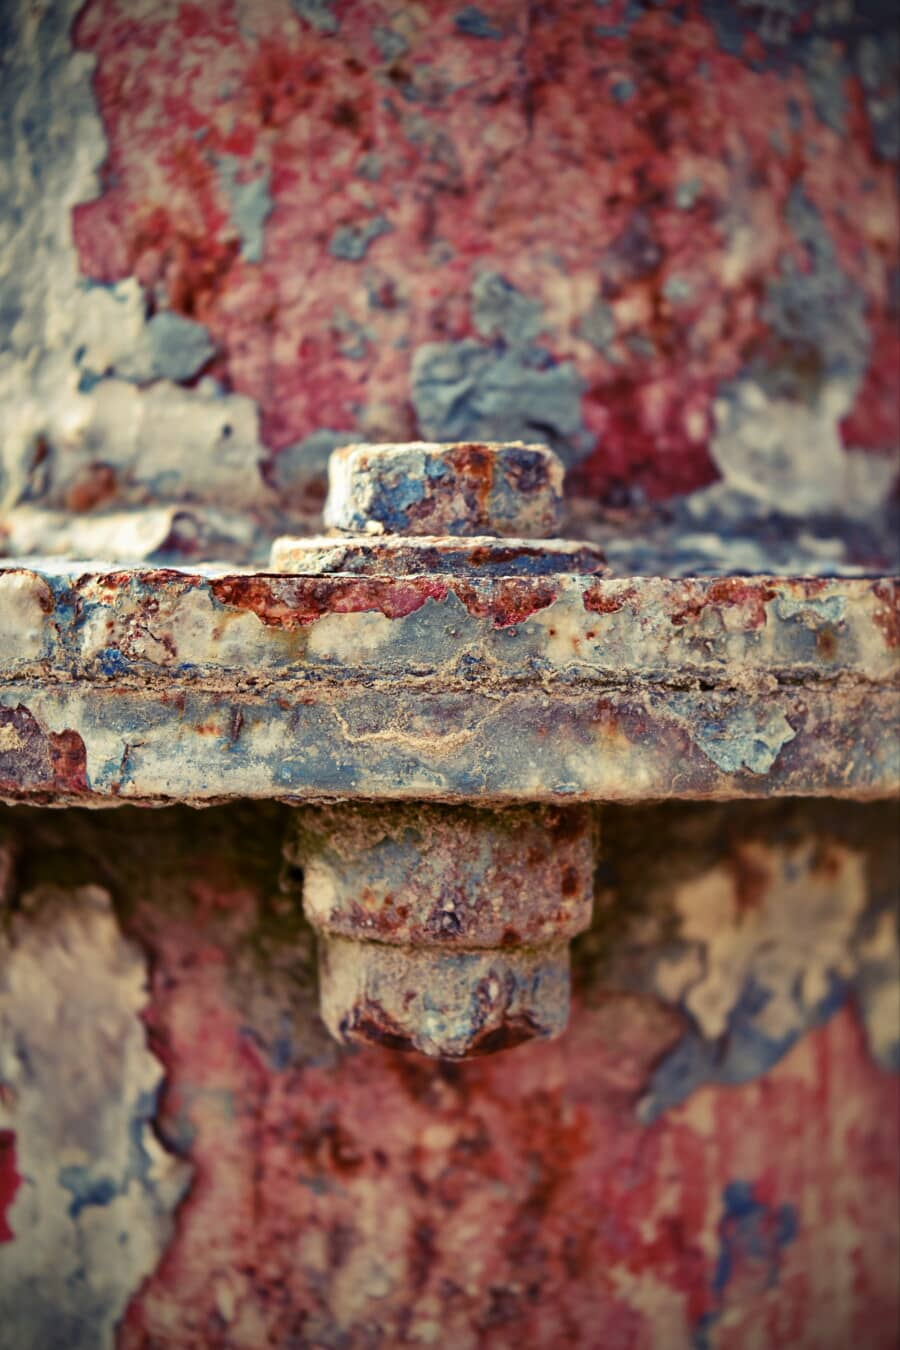 метал, гвинт, іржі, розпад, фарба, промислові, старий, залізо, пристрій, язичок